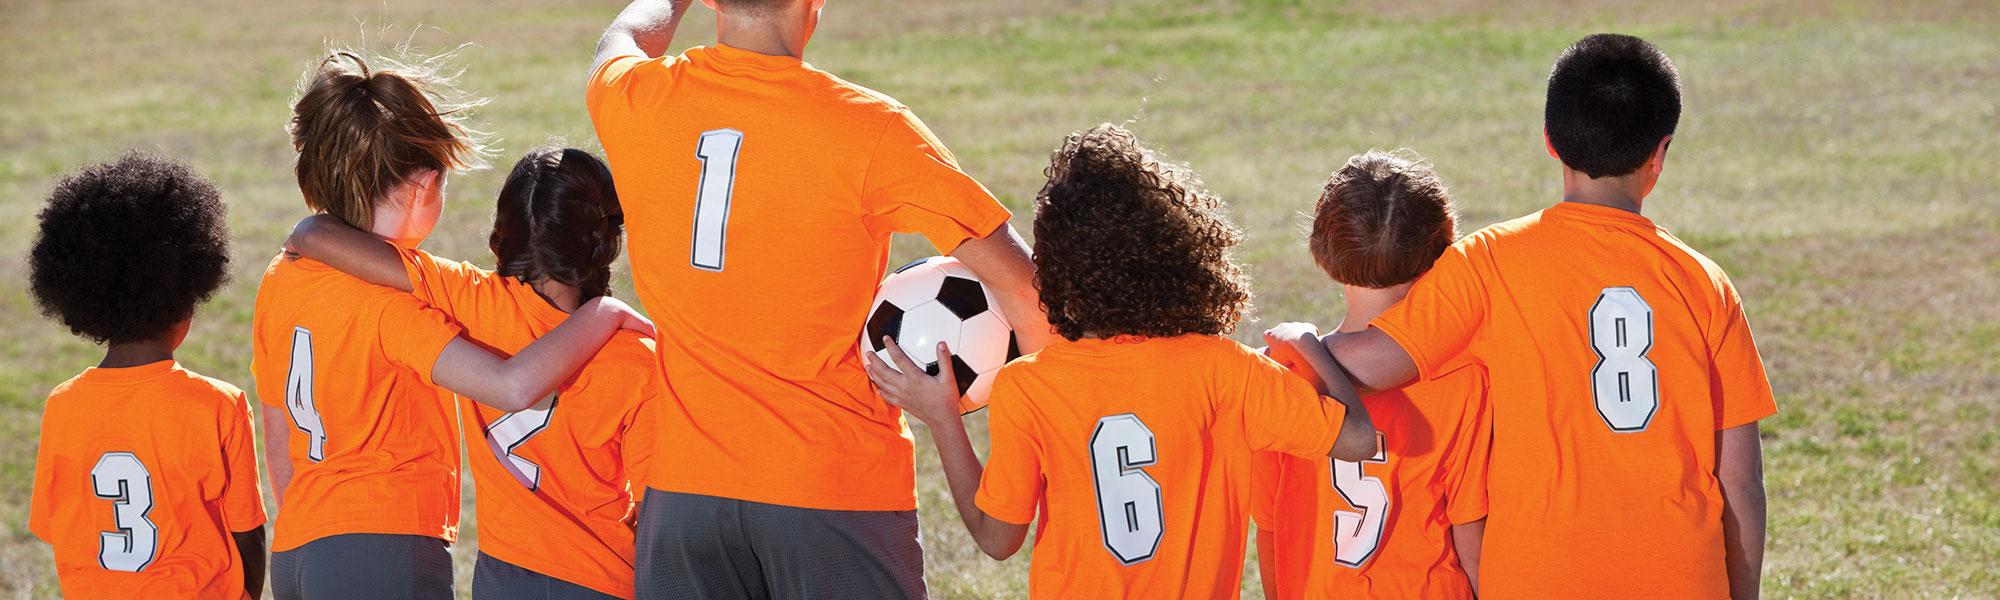 Soccer Team Banner